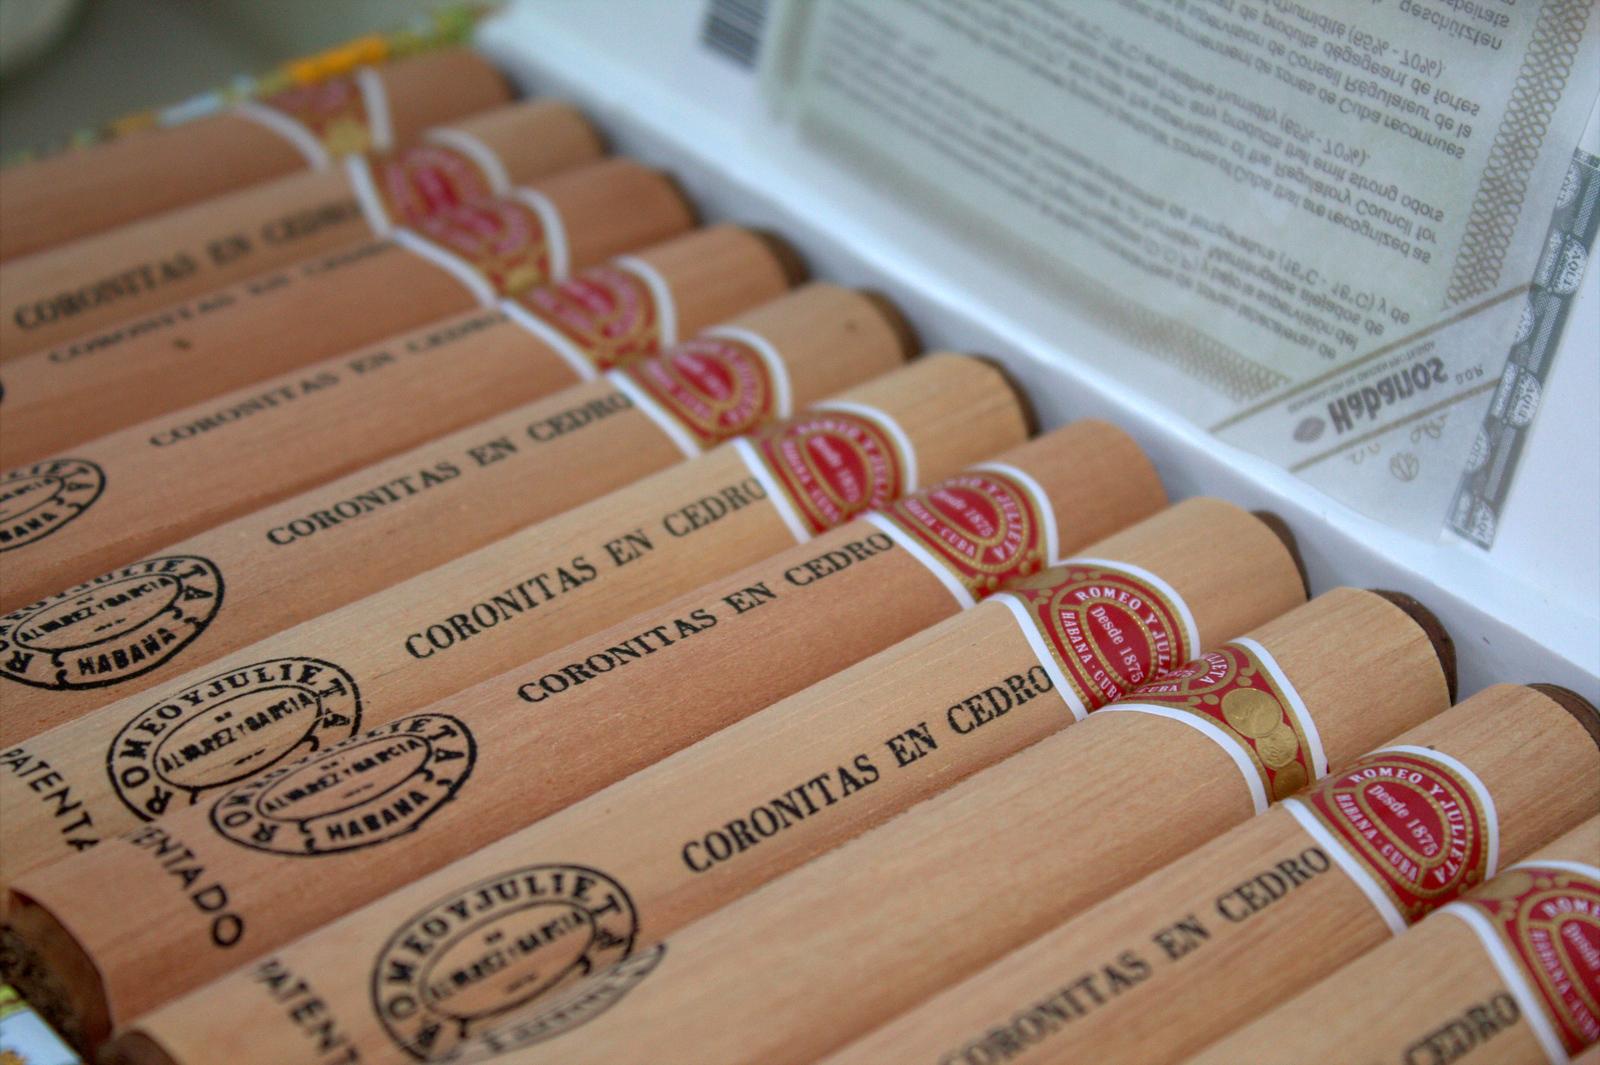 Romeo y Juliet cigars in Cuba